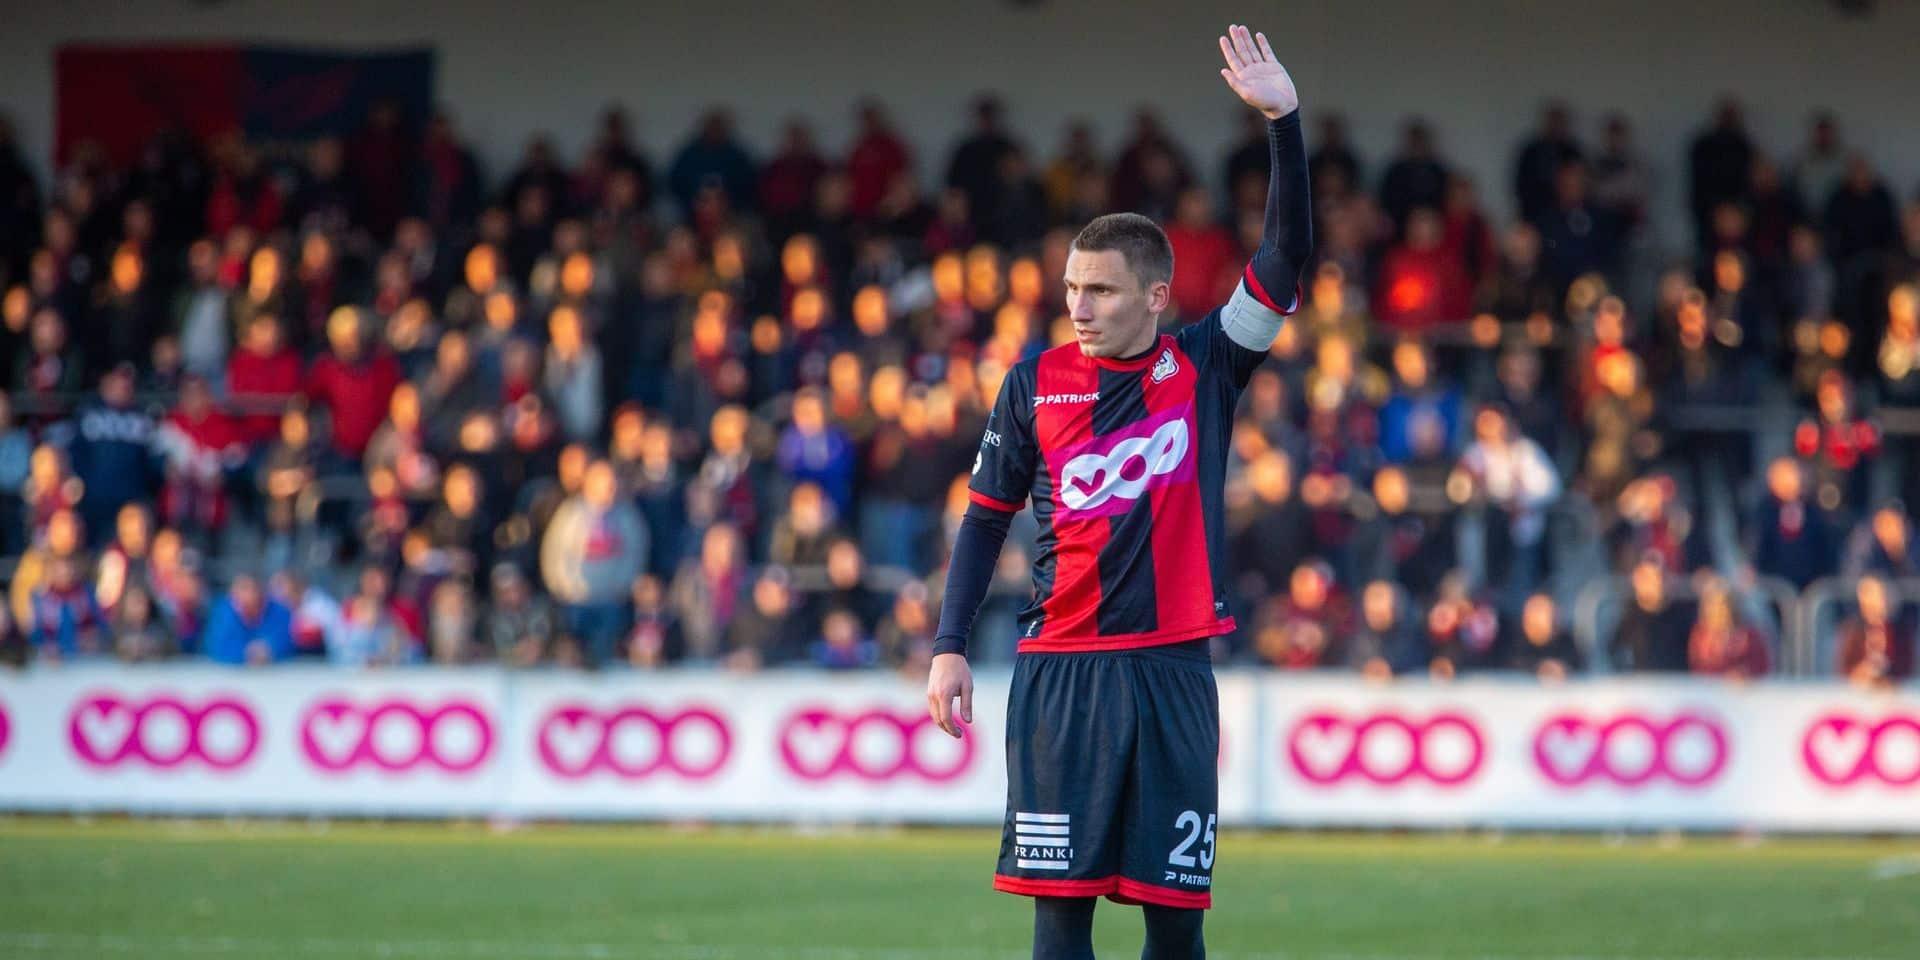 Le RFC Liège reprendra les entraînements le 1er juillet... avec du public!